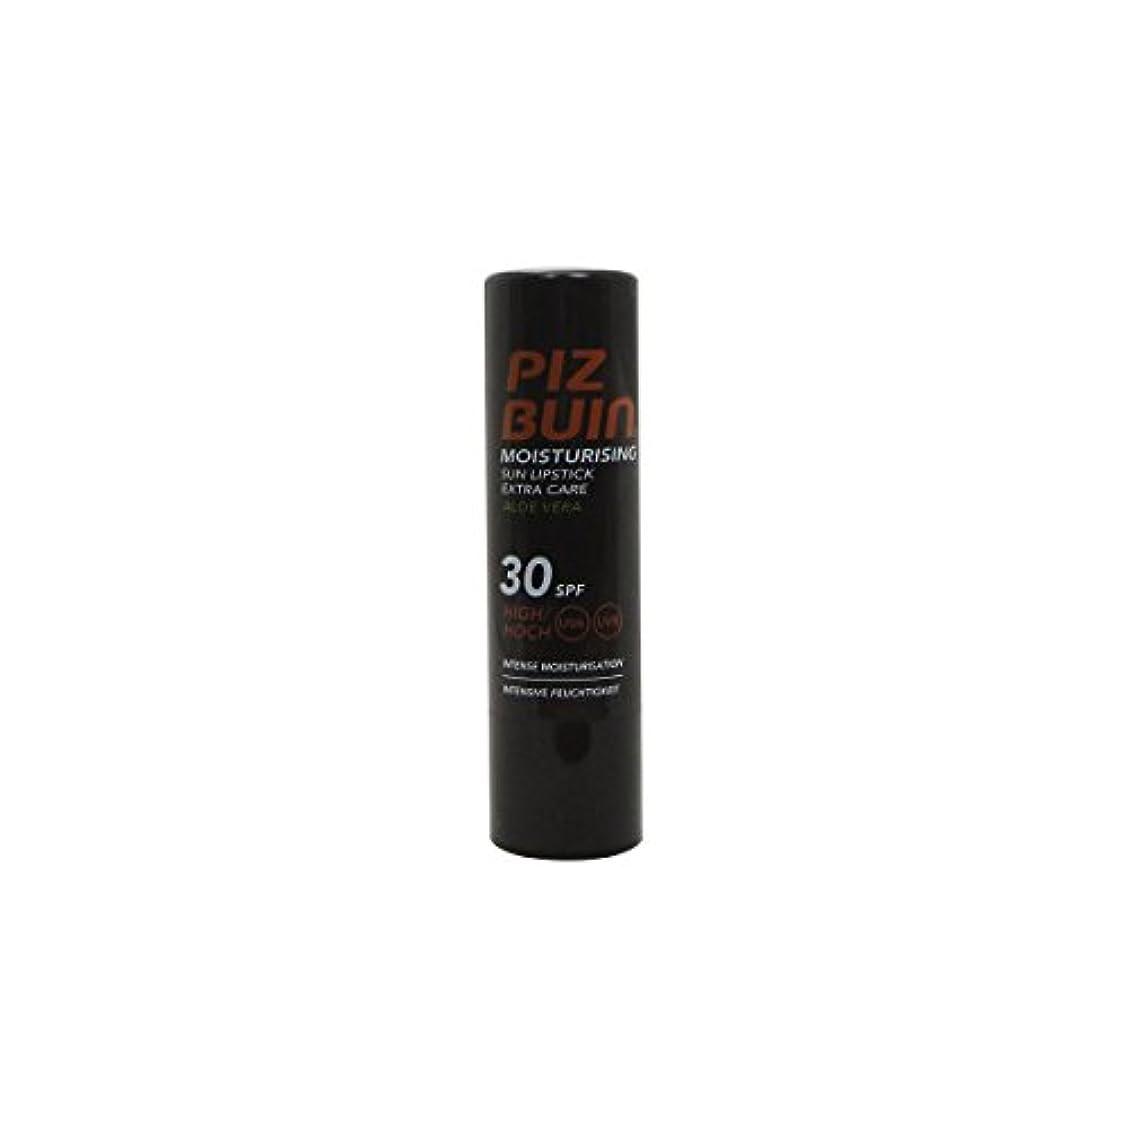 海里フィット降伏Piz Buin Lipstick Spf 30 Moisturising With Aloe Vera5g [並行輸入品]